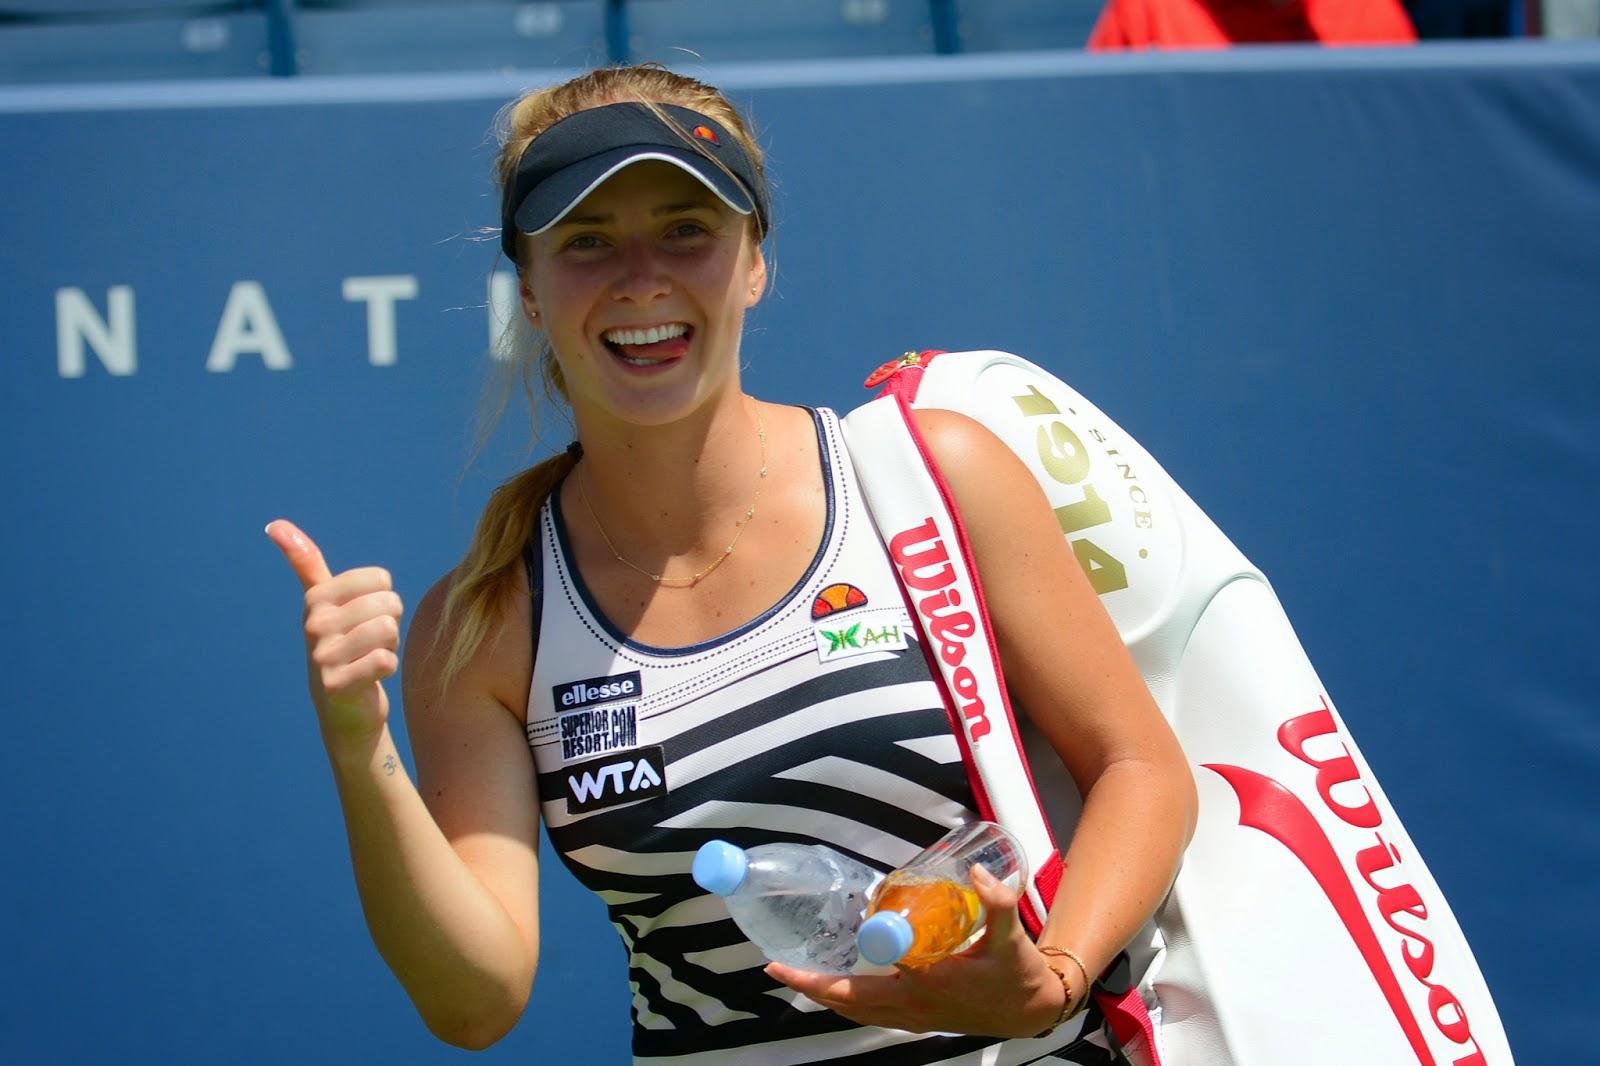 Еліна Світоліна вийшла у чвертьфінал тенісного турніру у Стенфорді